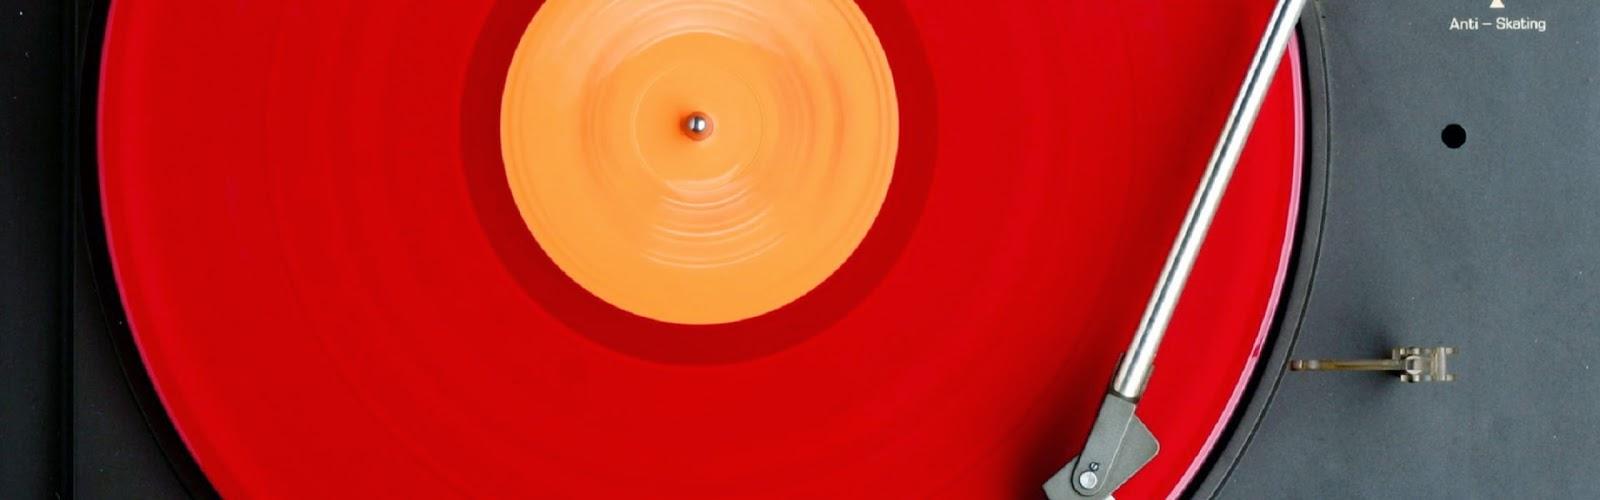 http://cism893.ca/emissions/boulimique-de-musique/